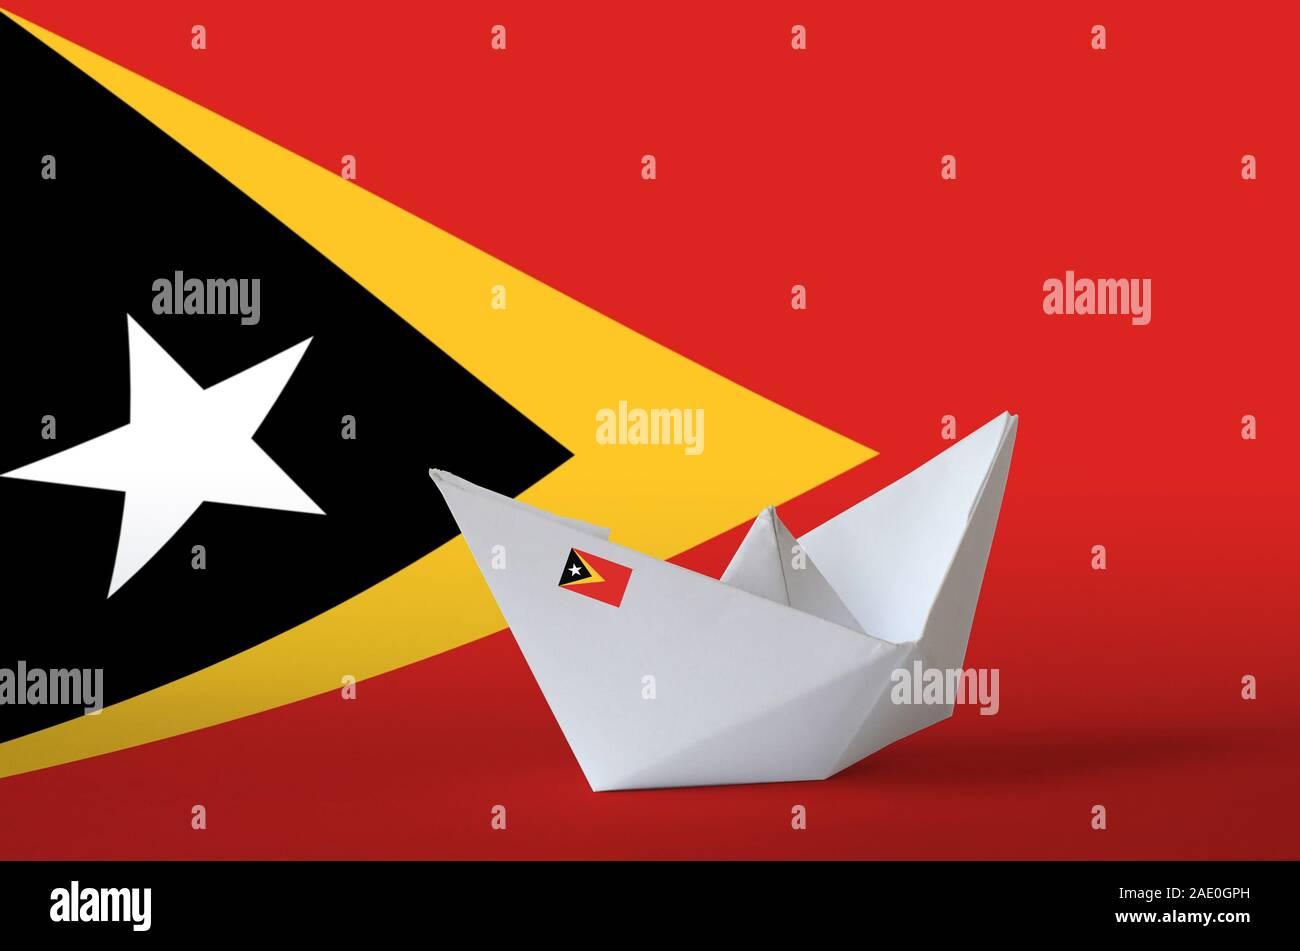 Drapeau Timor Leste représentés sur l'origami papier Gros plan du navire. Concept arts artisanaux orientaux Banque D'Images